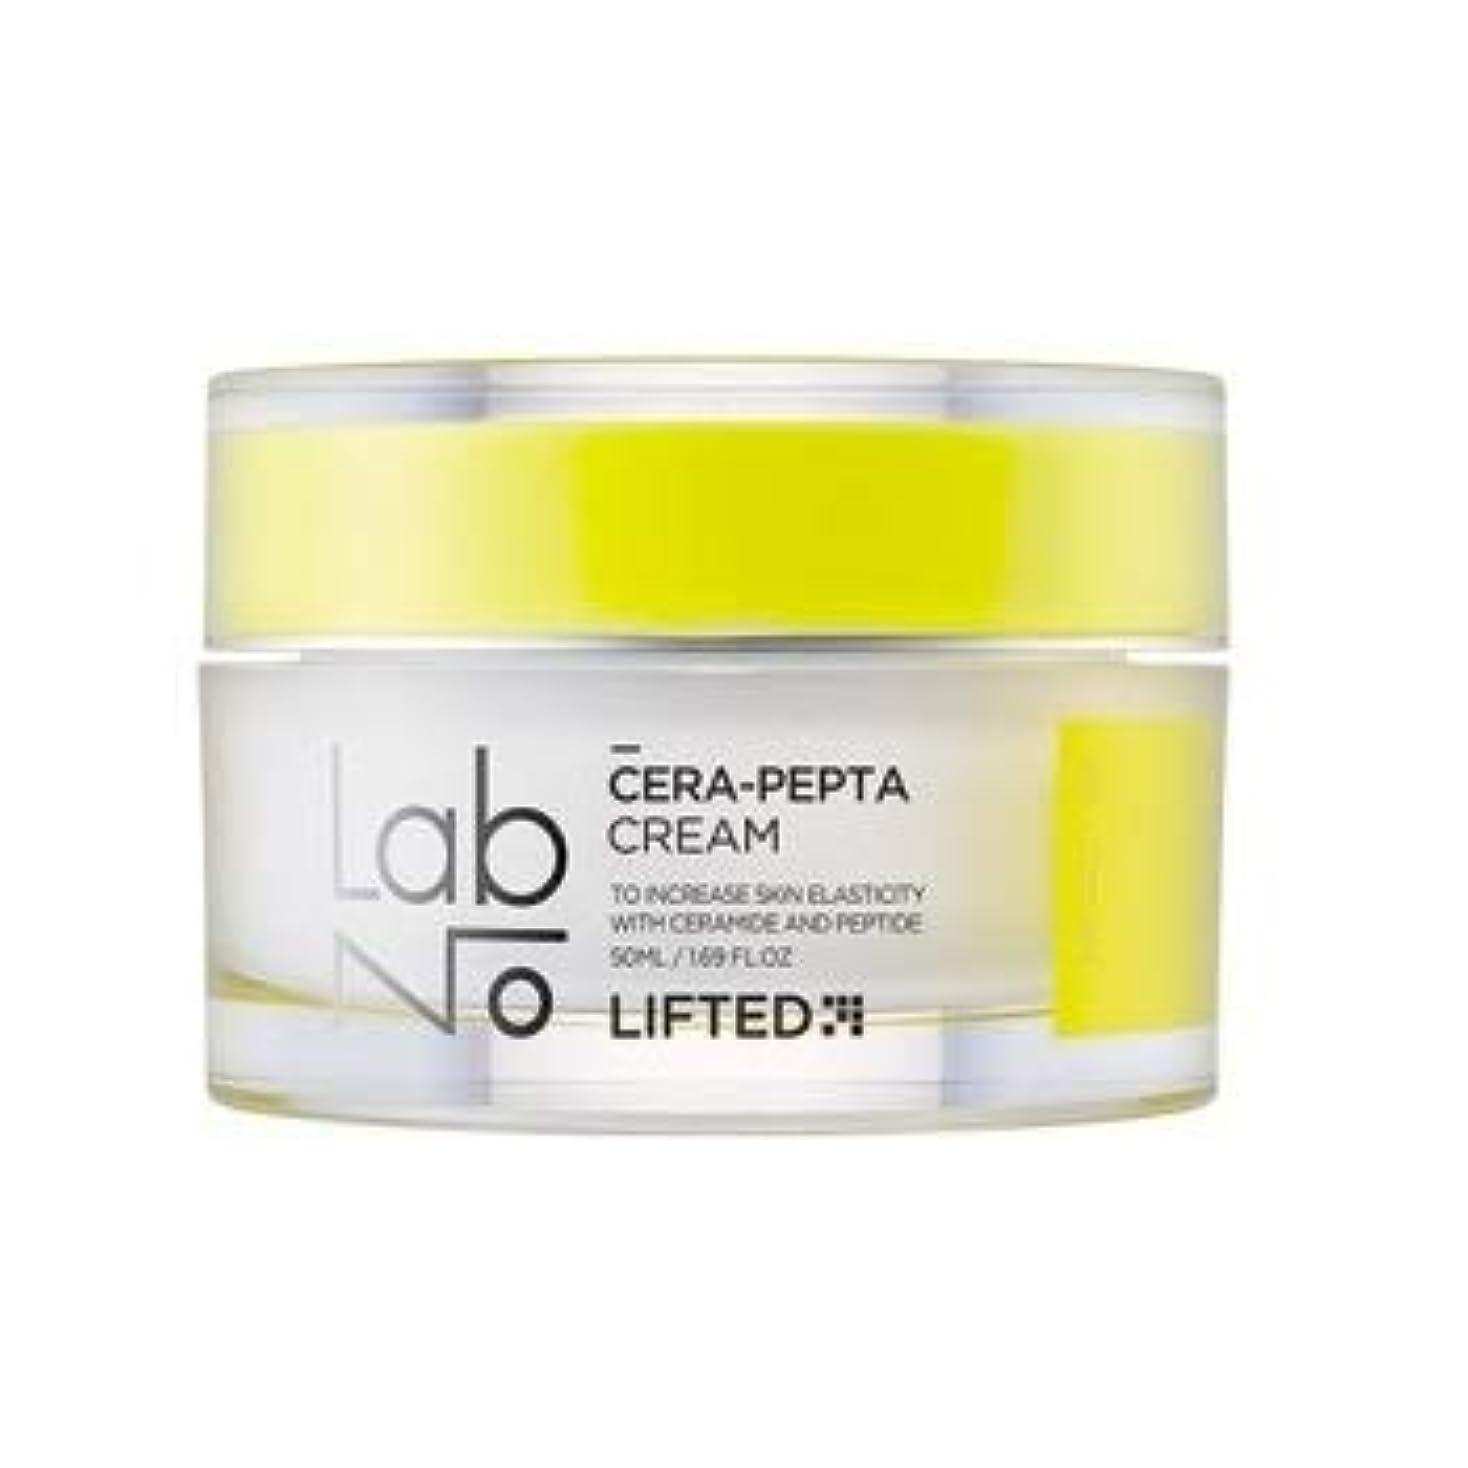 私達ポンプグローブLabNo リフテッド セラ-ペプタ クリーム / Lifted Sera-Pepta Cream (50ml) [並行輸入品]